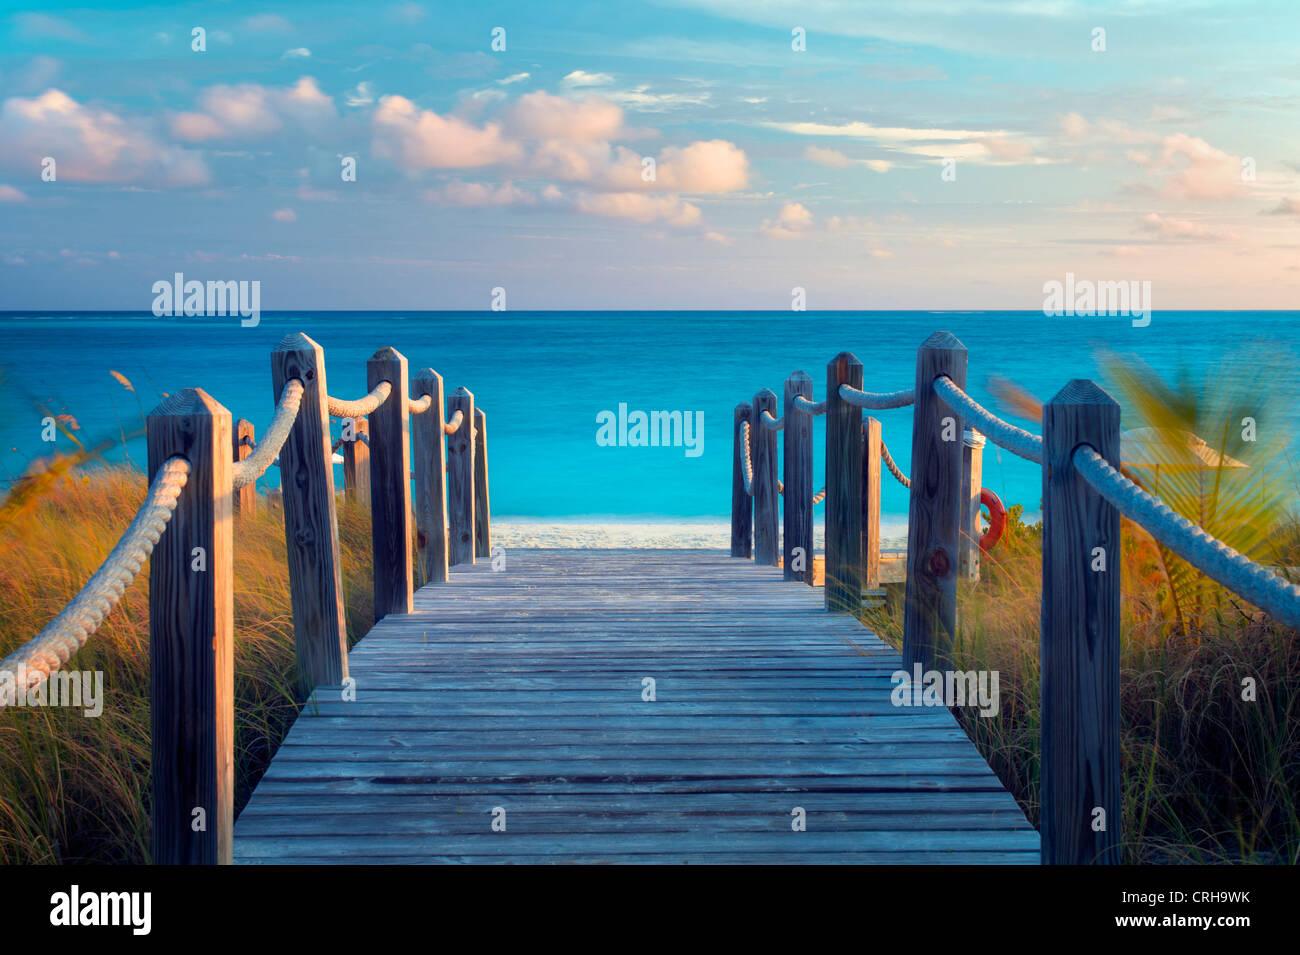 Voie d'administration de l'océan. Grace Bay, à Providenciales. Îles Turques et Caïques. Photo Stock